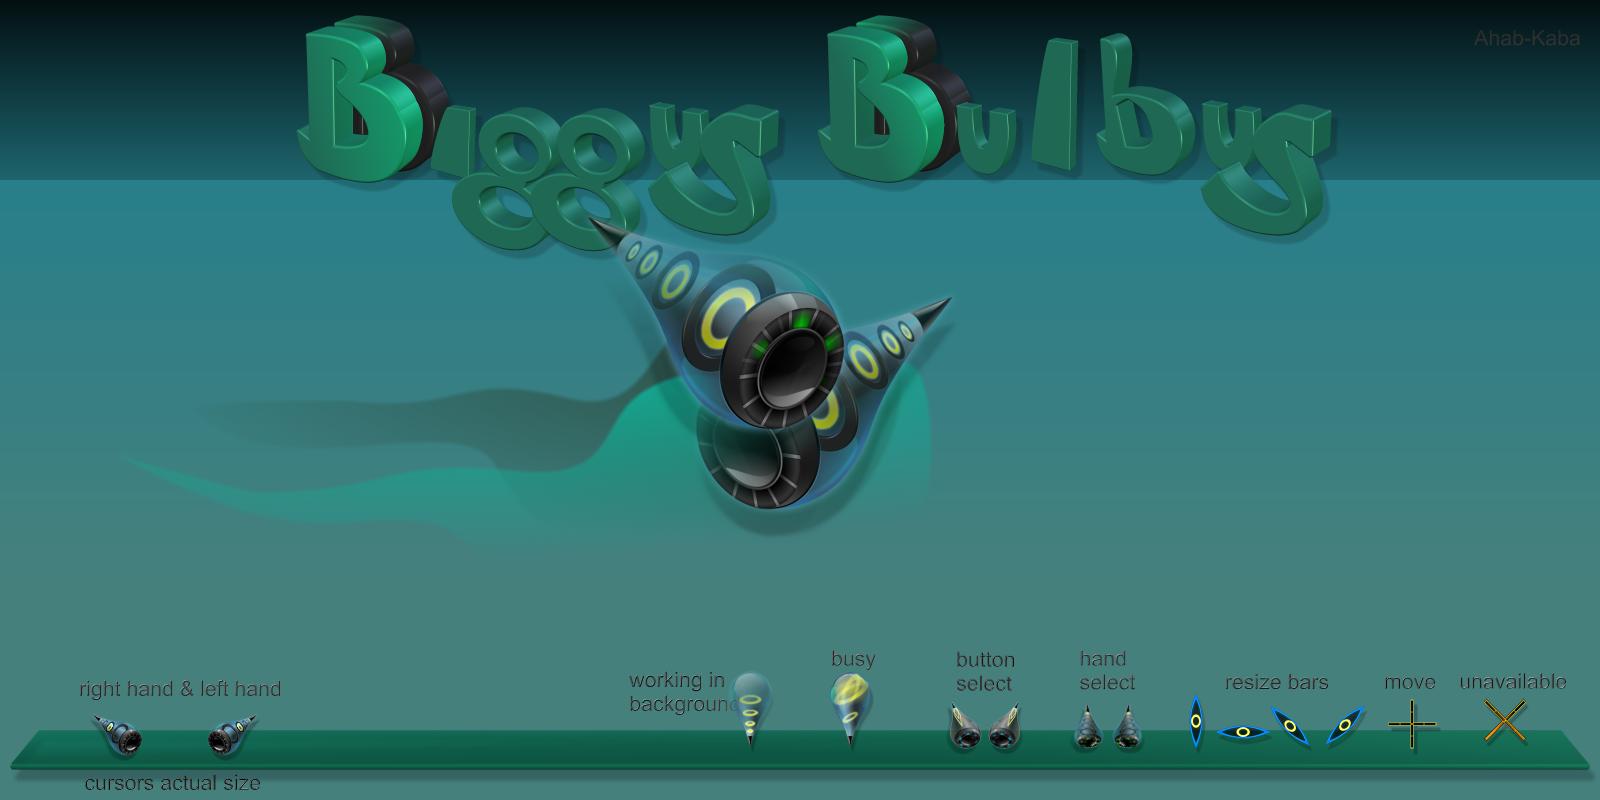 Biggus bulbus